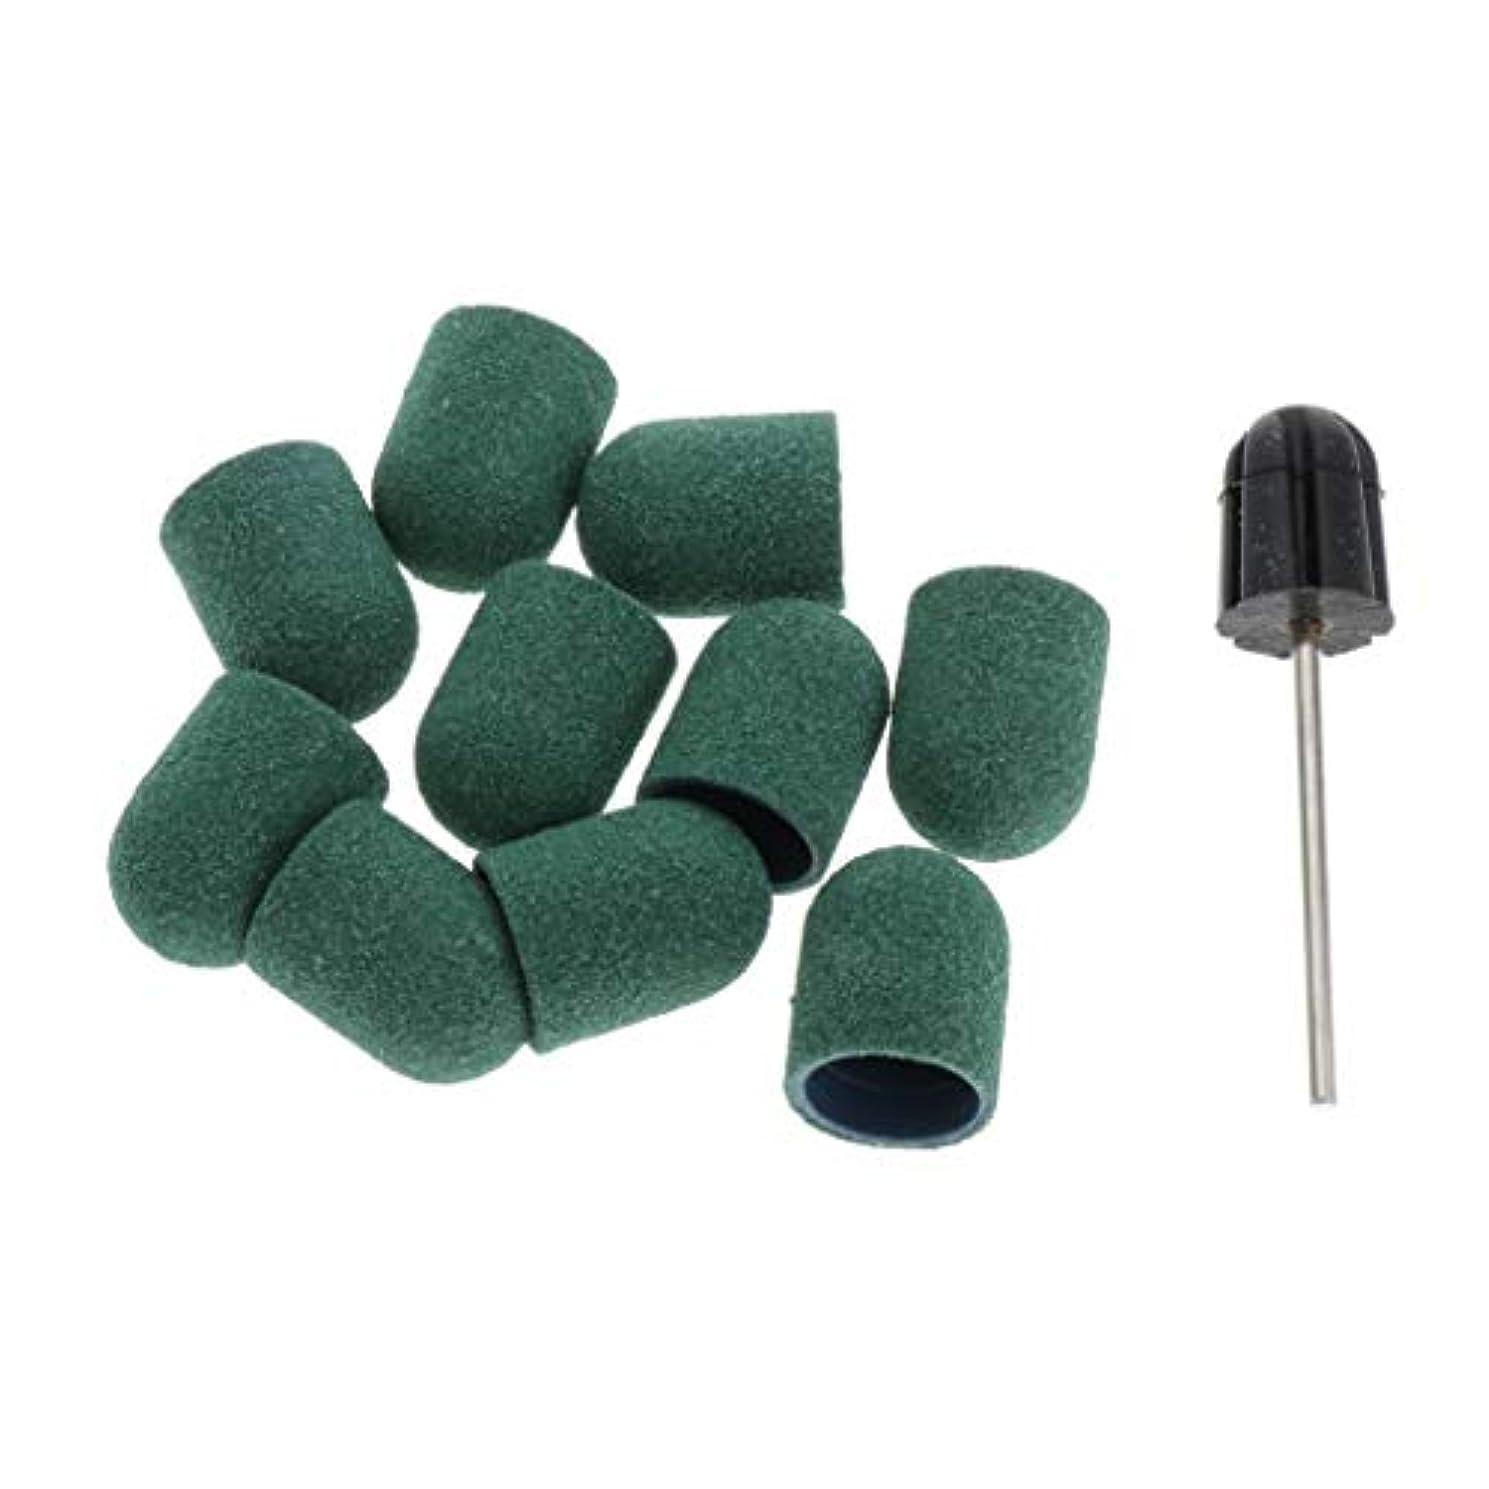 シガレットり挨拶T TOOYFUL ネイルビット 爪磨き 研削ヘッド ネイルサロン サンディングキャップ/スリーブ ネイルアーティスト用 約11点 - 緑